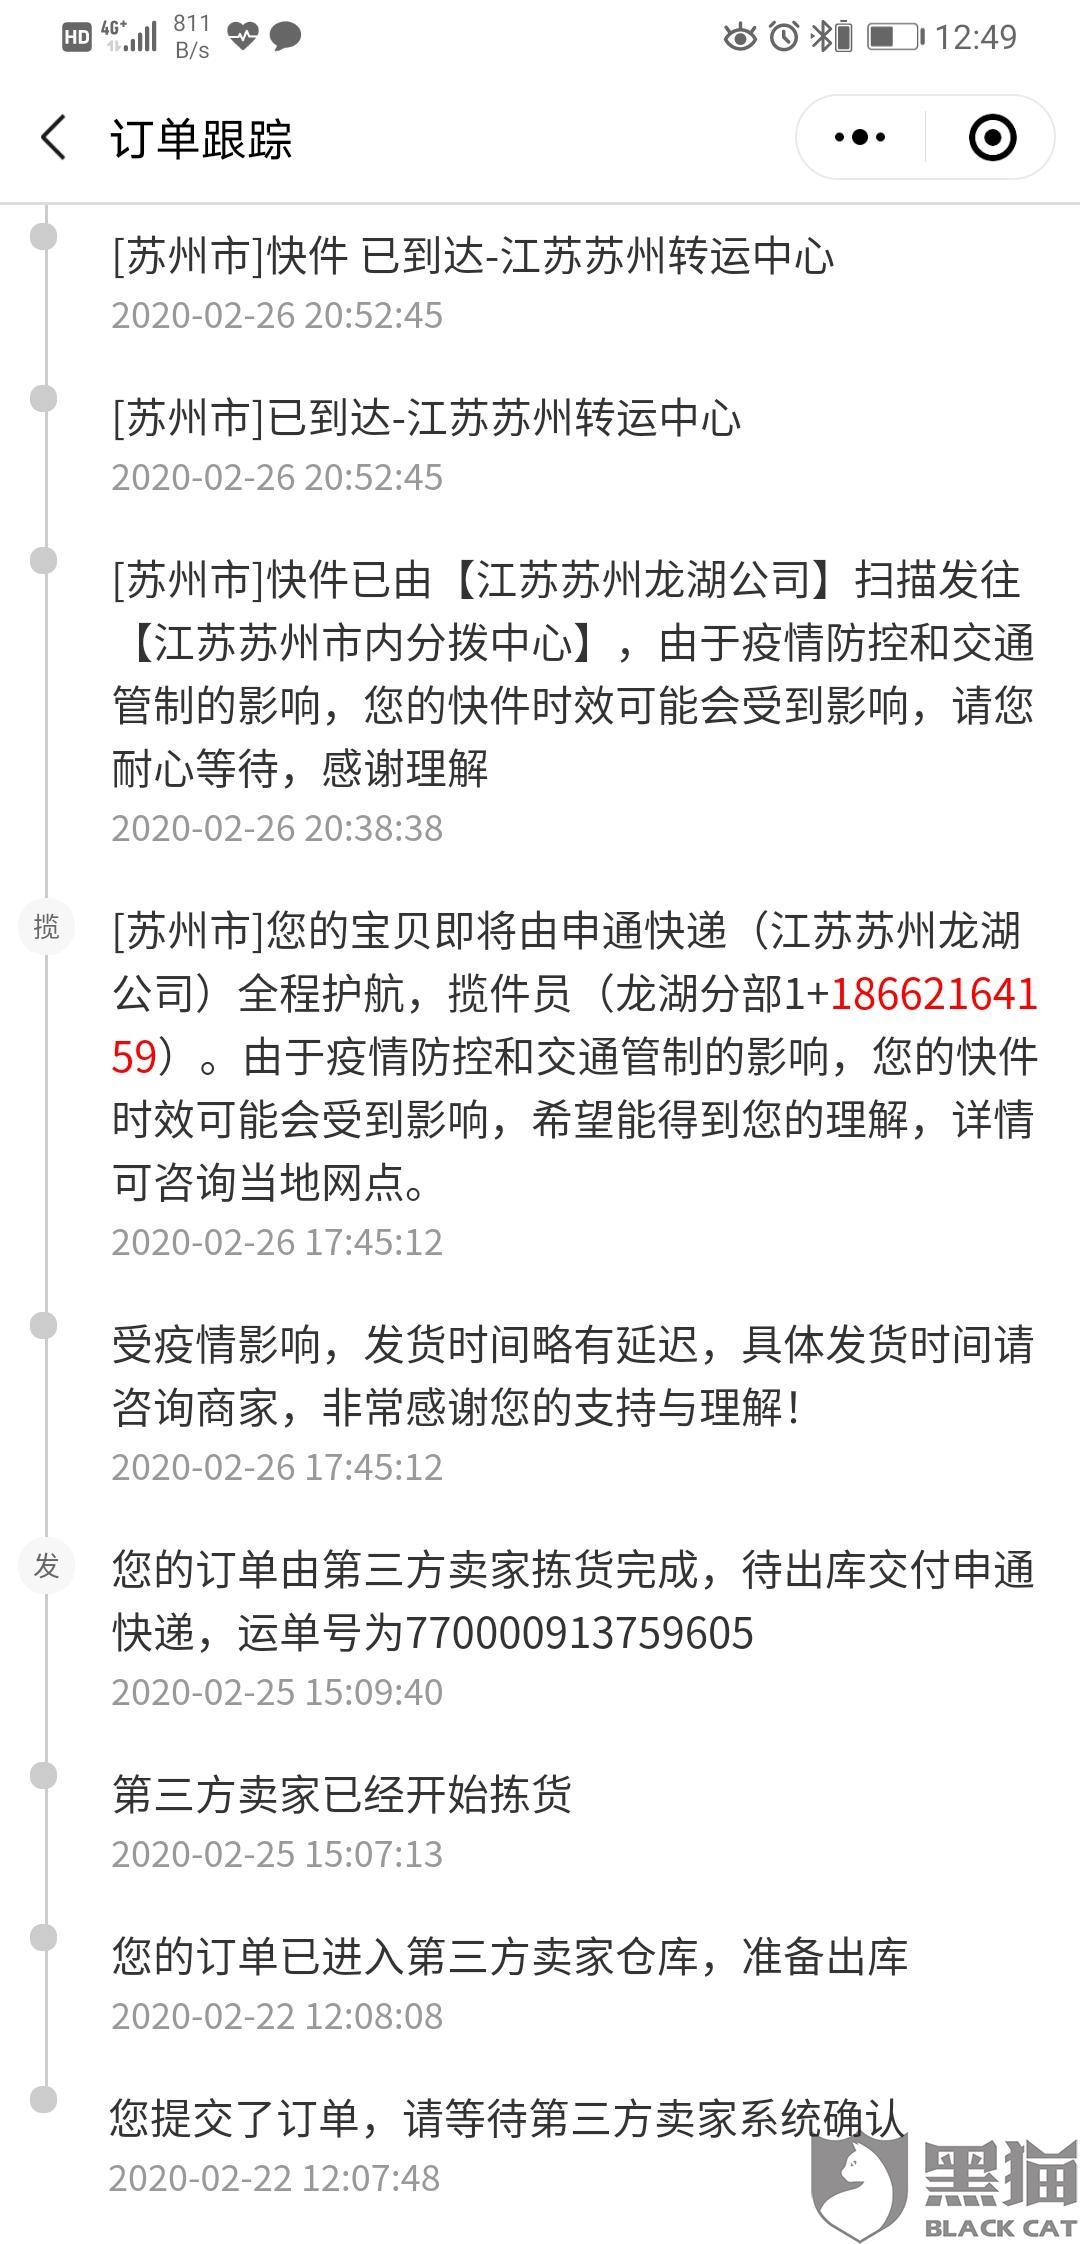 黑猫投诉:申通快递上海人民广场中转站一周多时间无人配送!